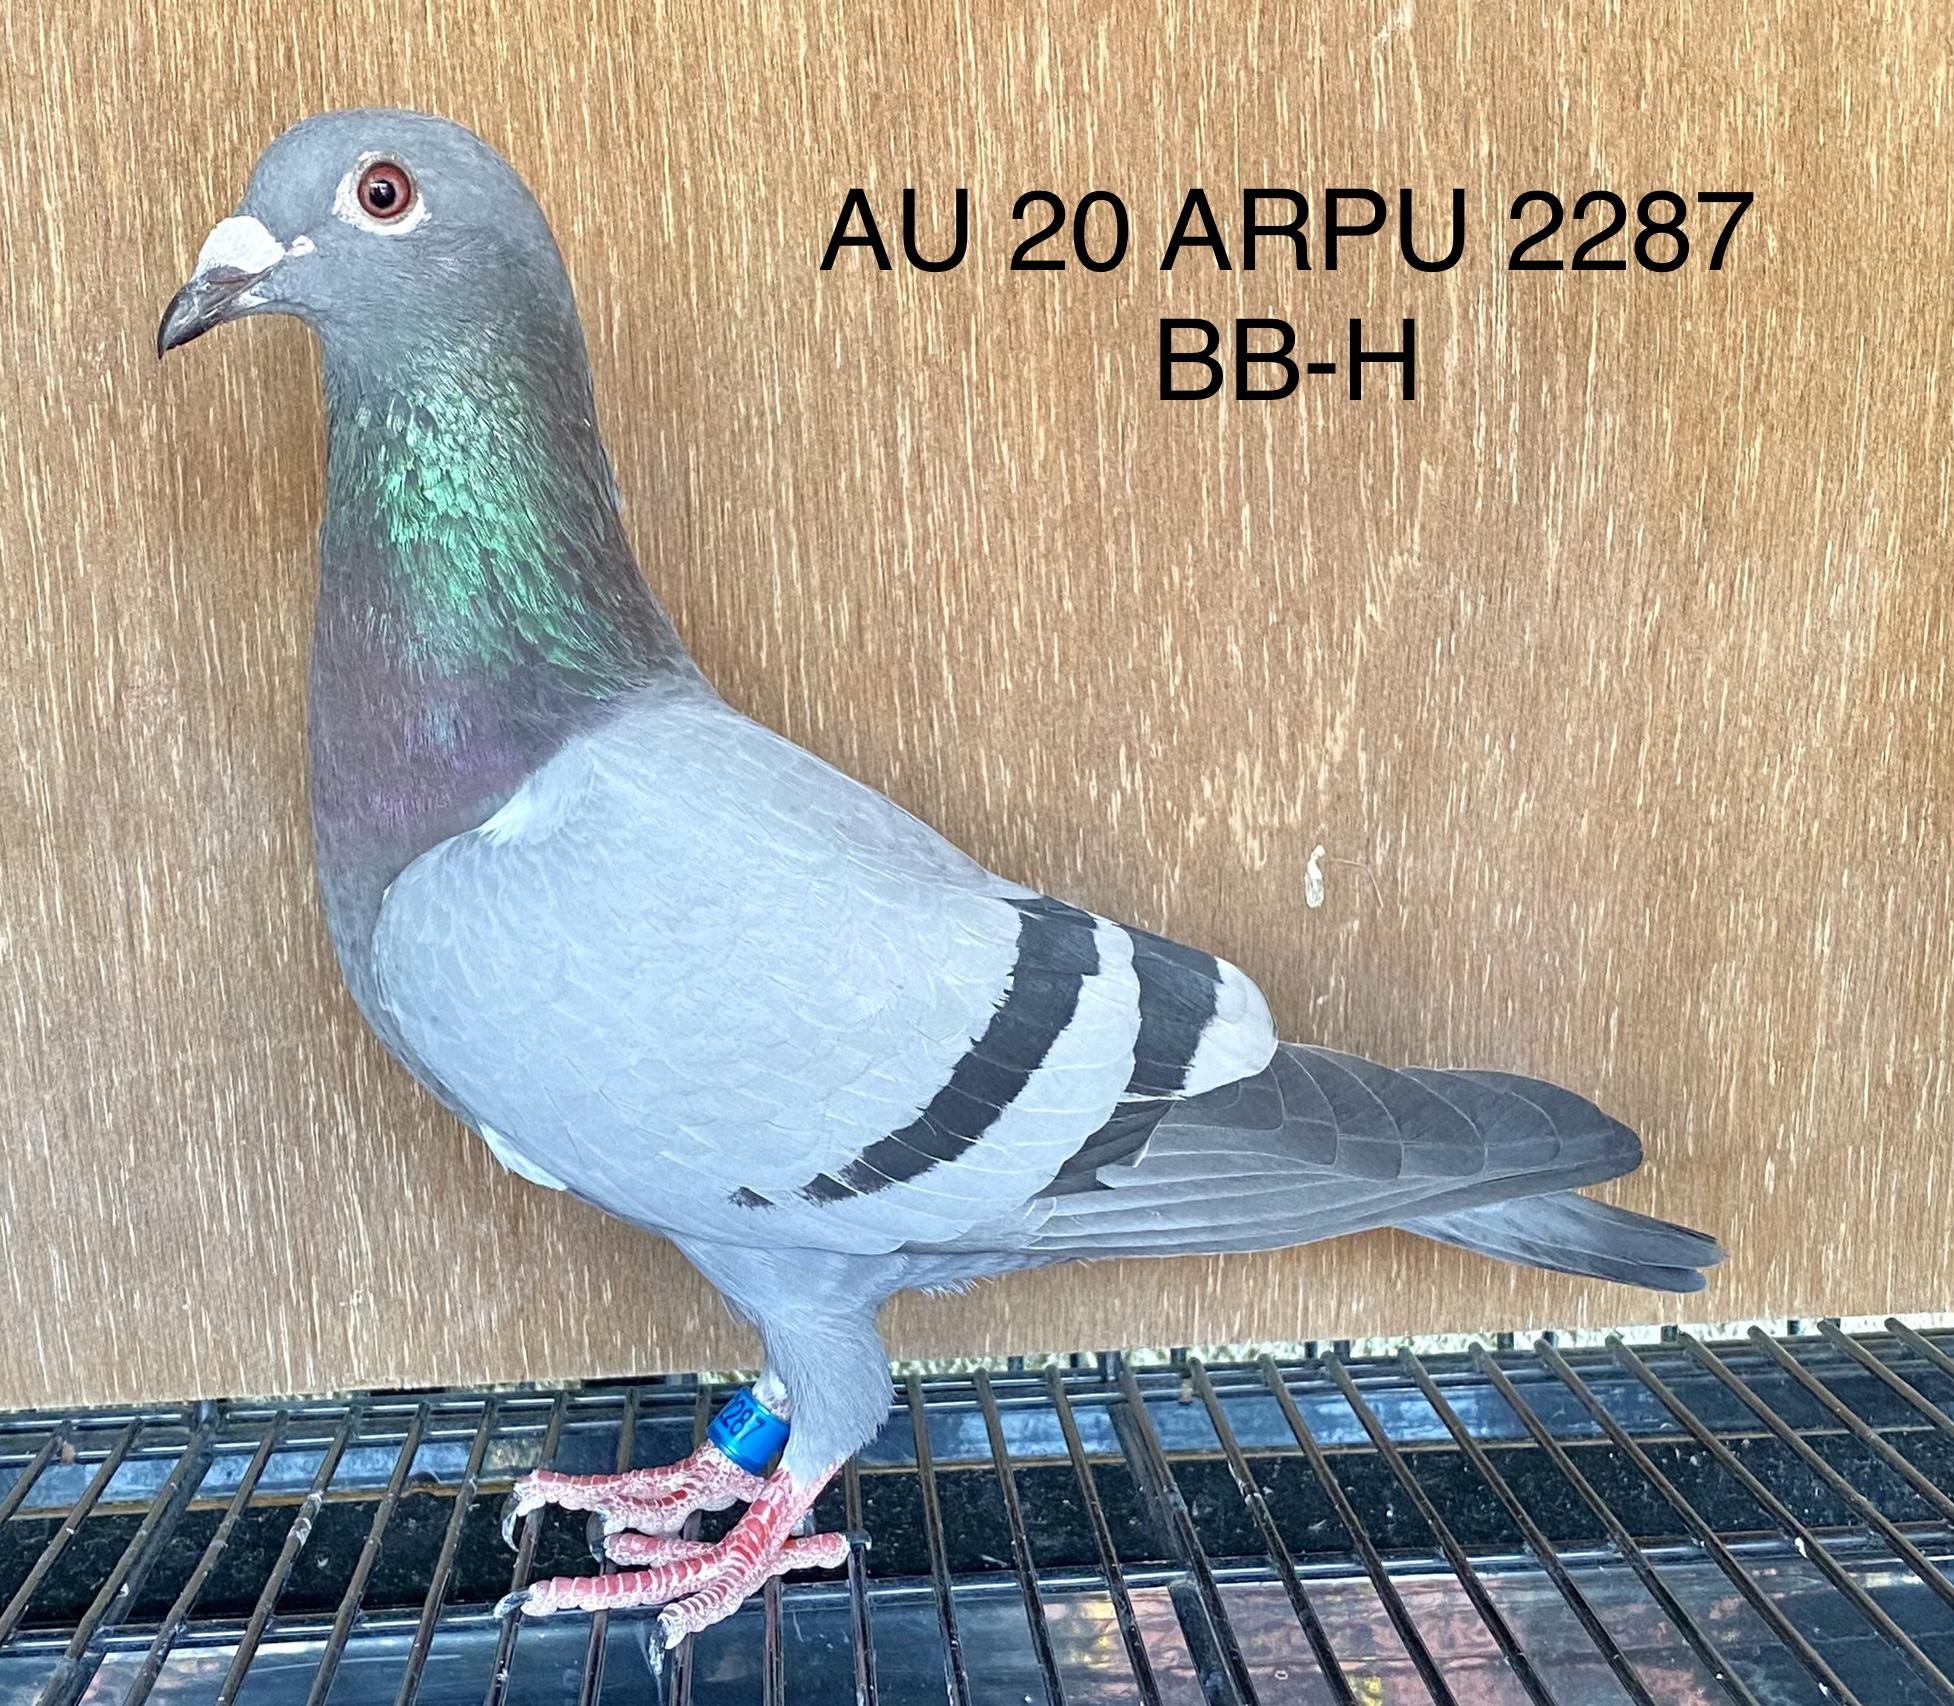 AU 20 ARPU 2287 BB-H